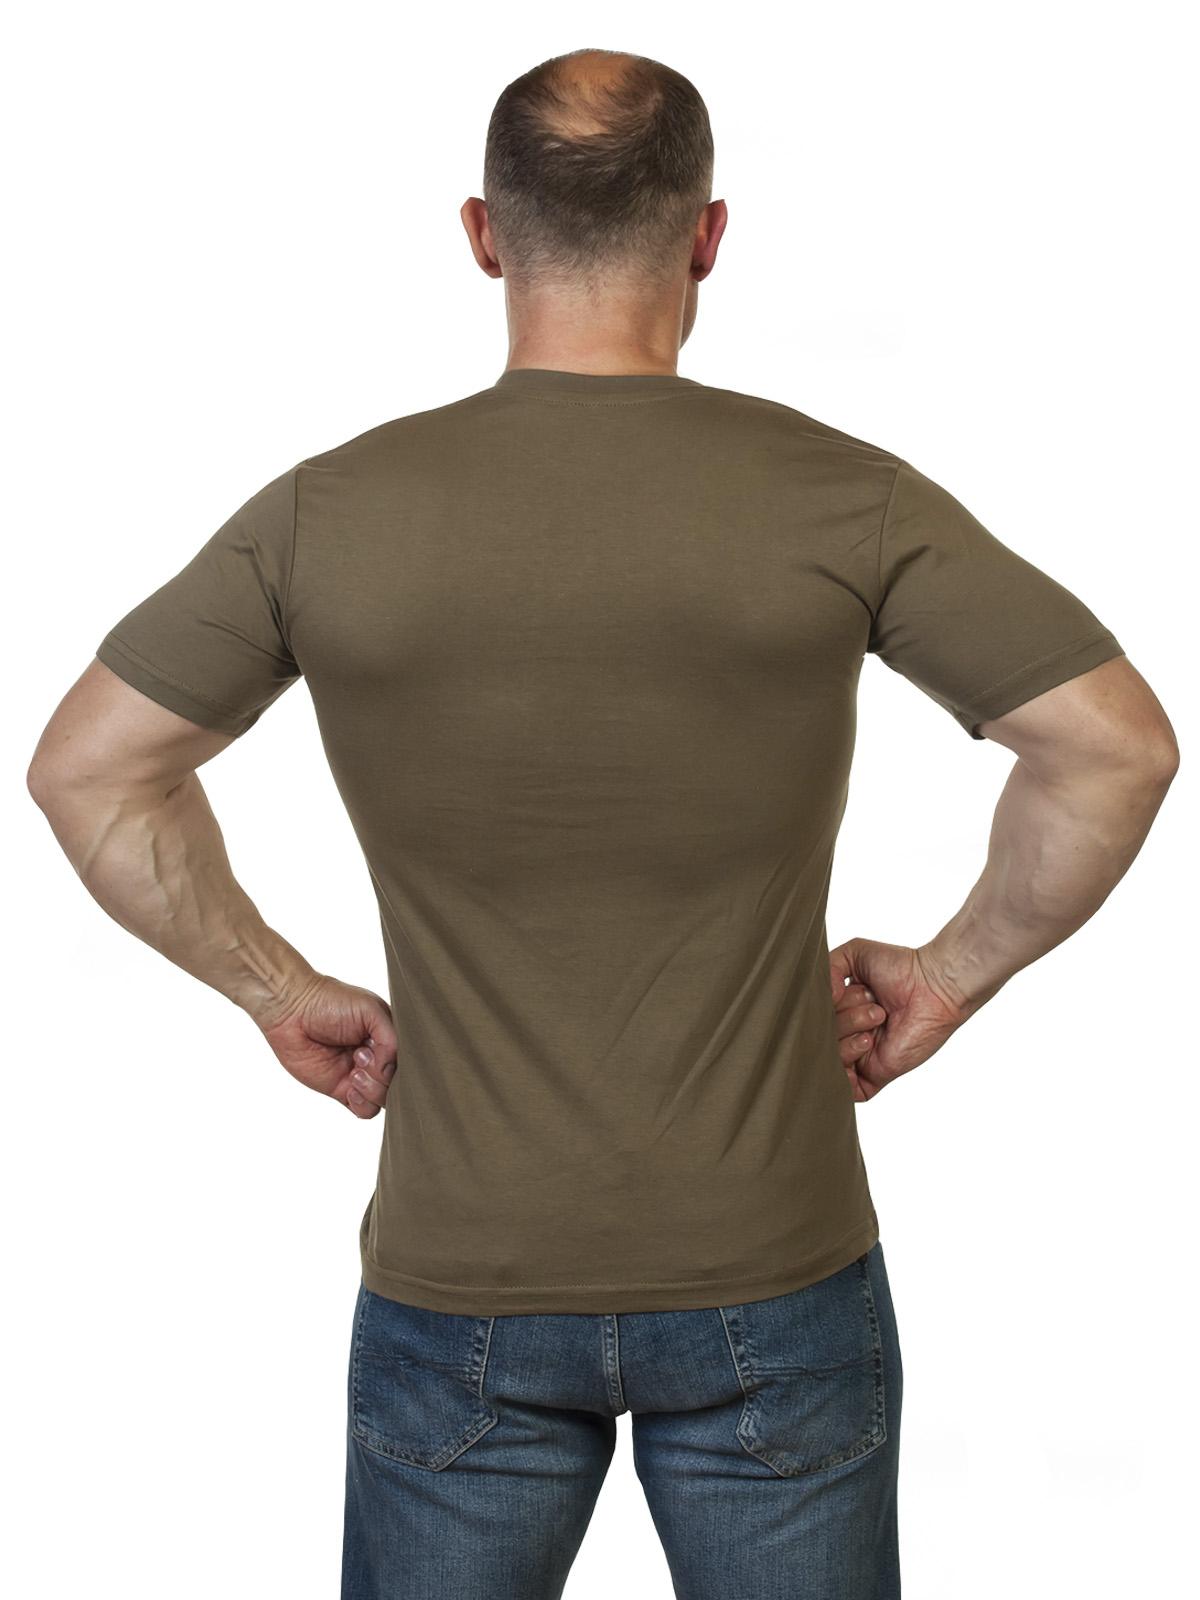 Оливковая военная футболка Армия России - купить недорого